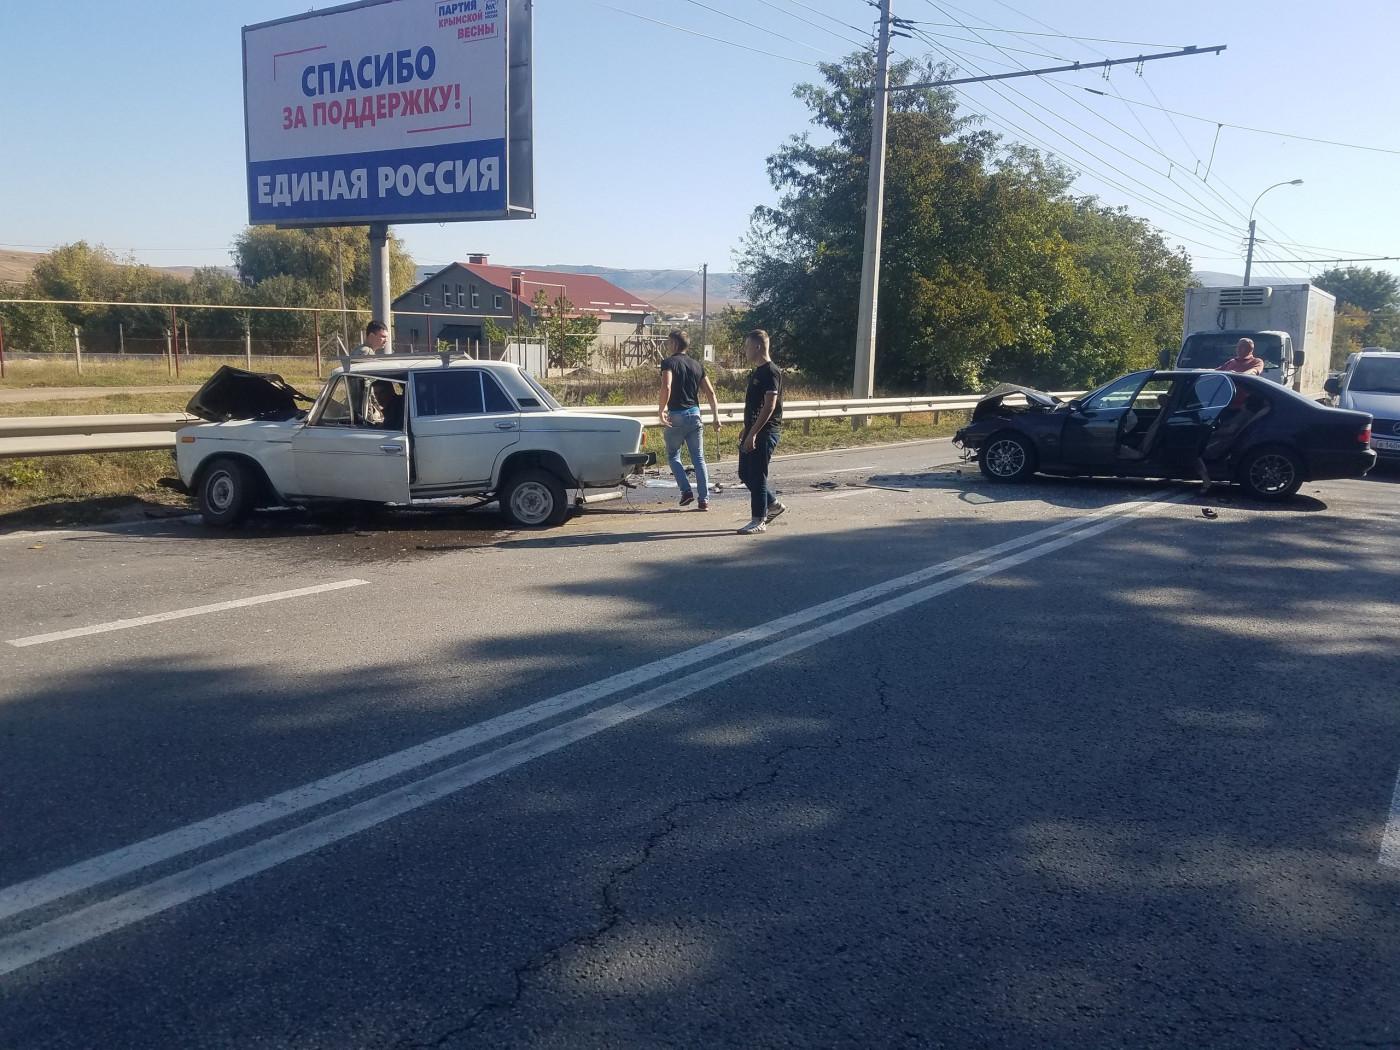 Уснул за рулем: под Симферополем BMW выехал на встречку и врезался в «Жигули»